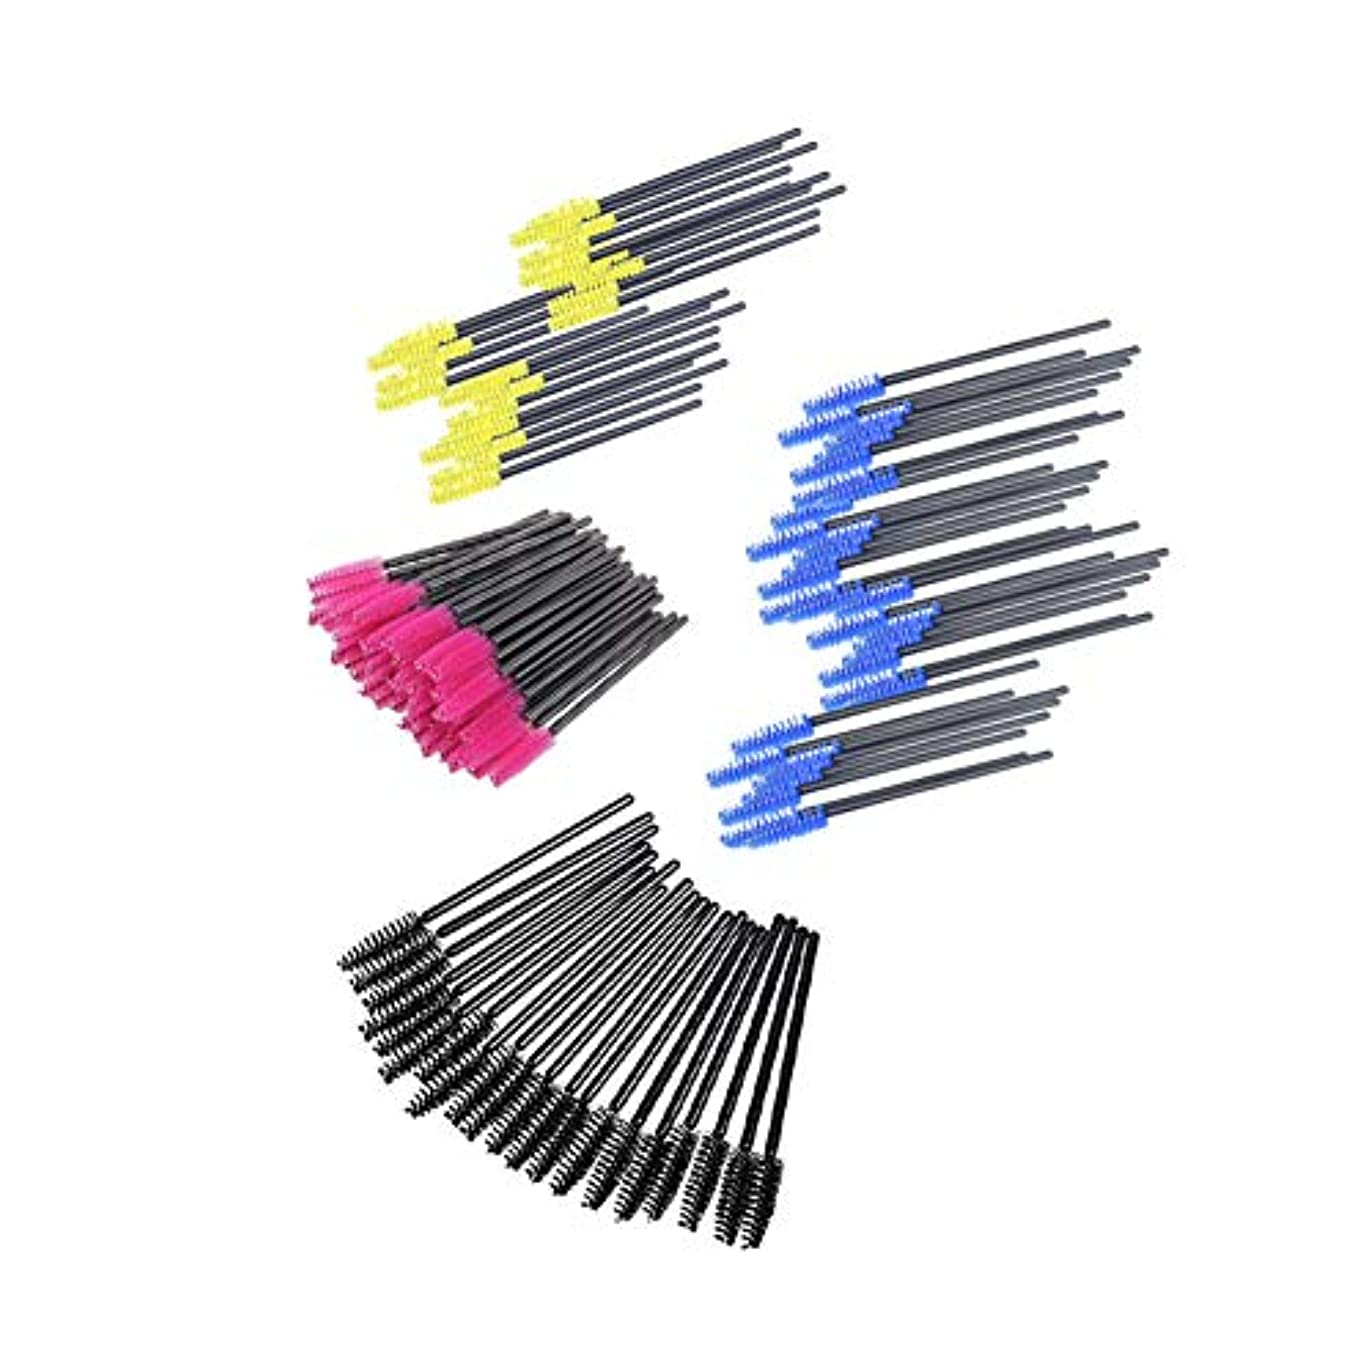 プット恐怖症ヒット200使い捨てまつげマスカラブラシカラー化粧品アプリケーターのまつげ化粧修復トークン黄/黒/赤/青のバラ